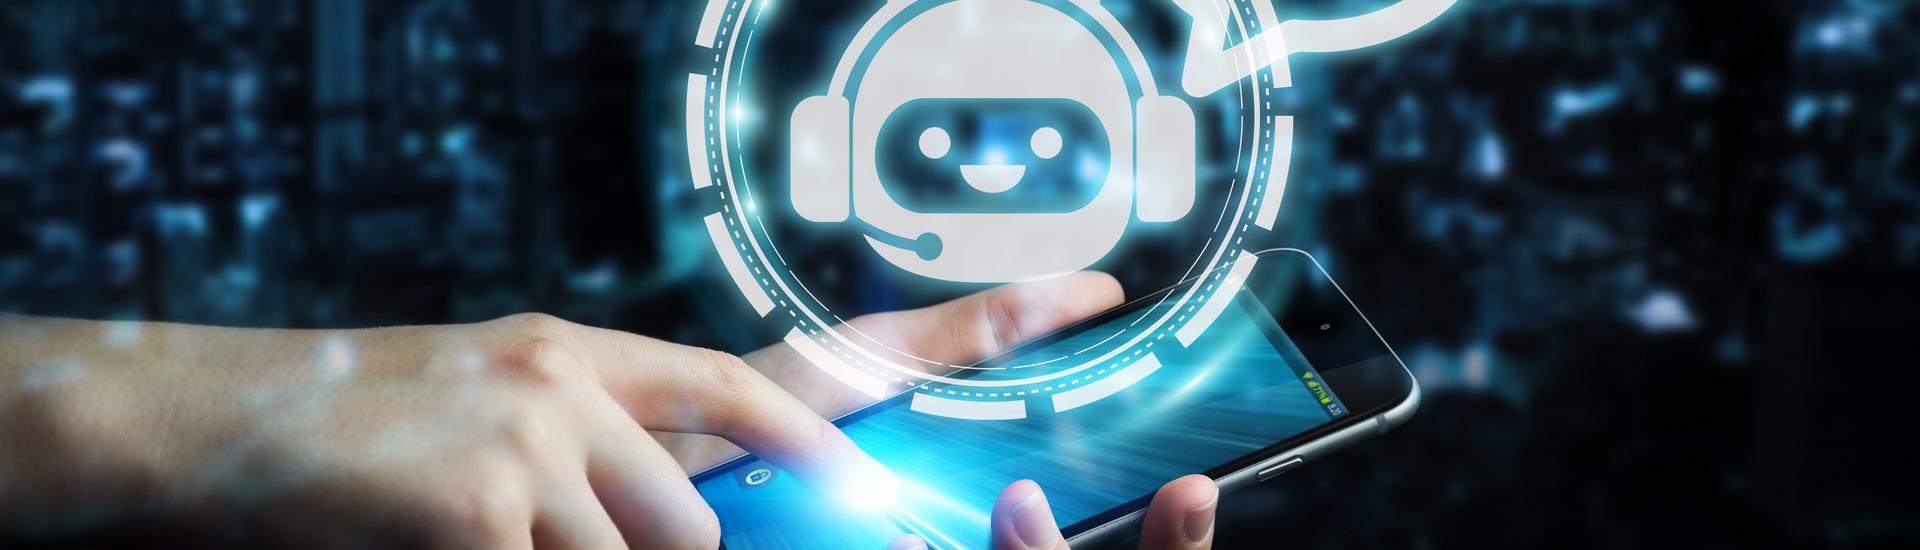 Τα πλεονεκτήματα της χρήσης ενός Chatbot για μια επιχείρηση